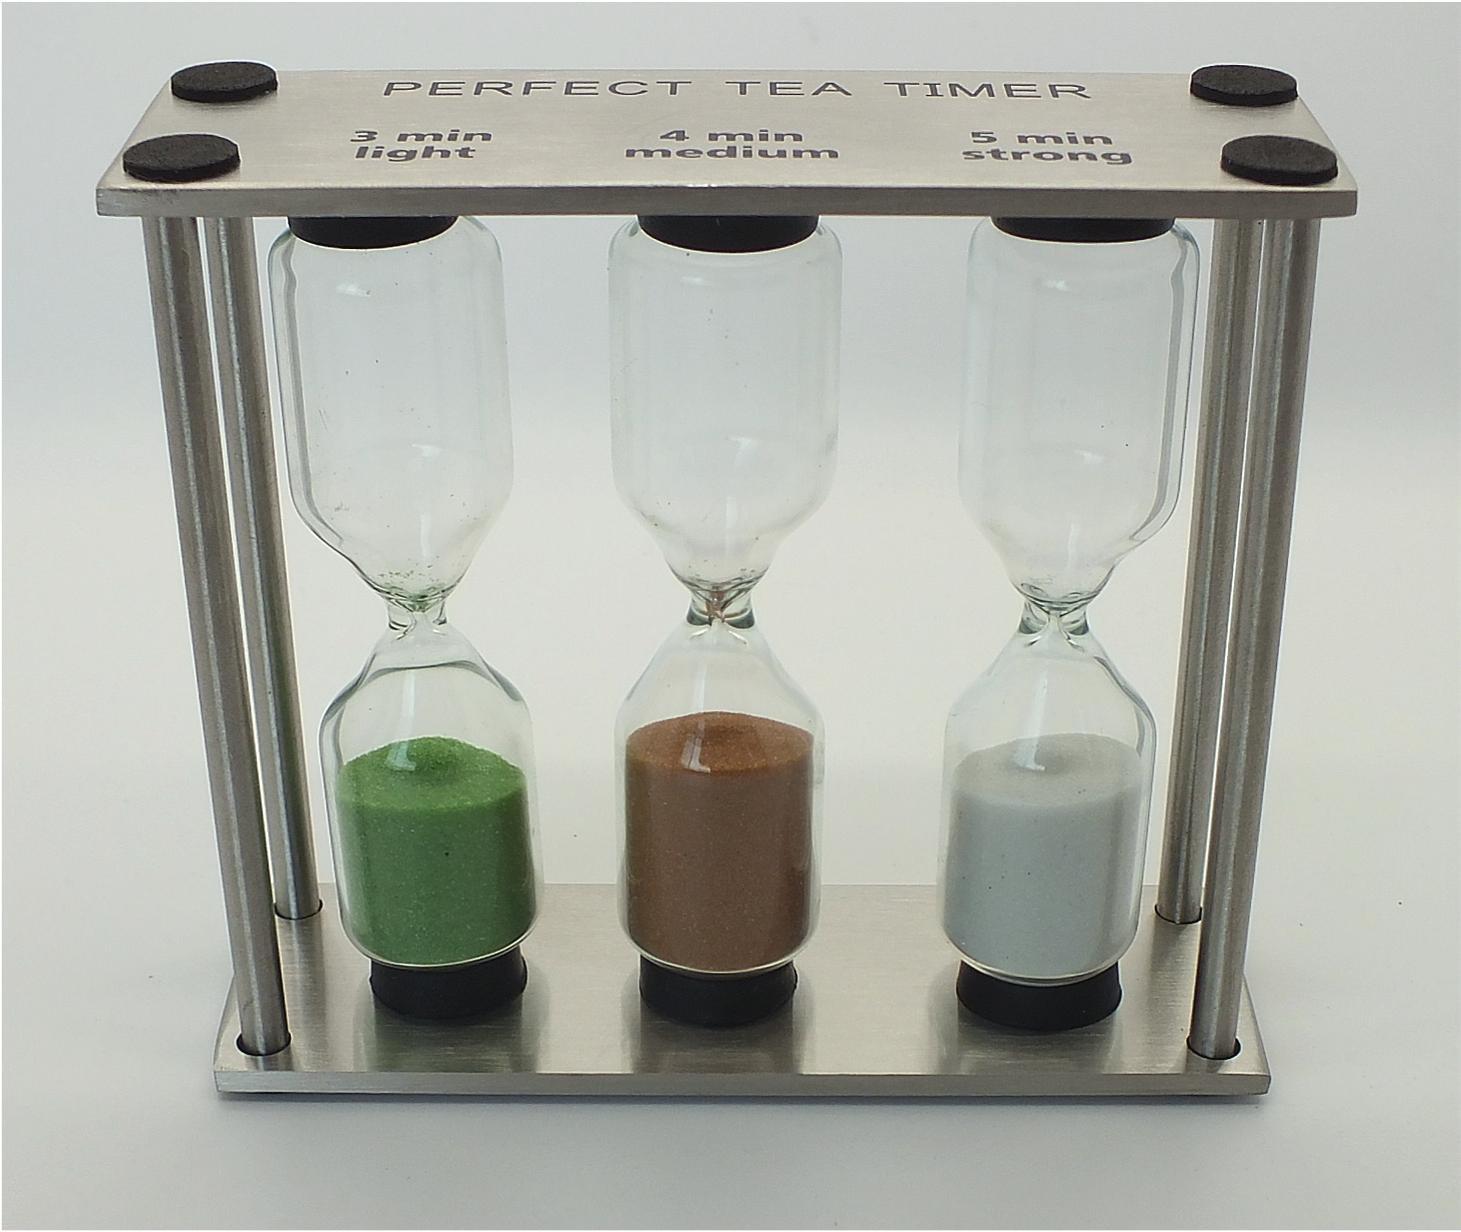 Teatimer, Teeuhr, Hourglass, three times, stainless steel, glass Teeblume